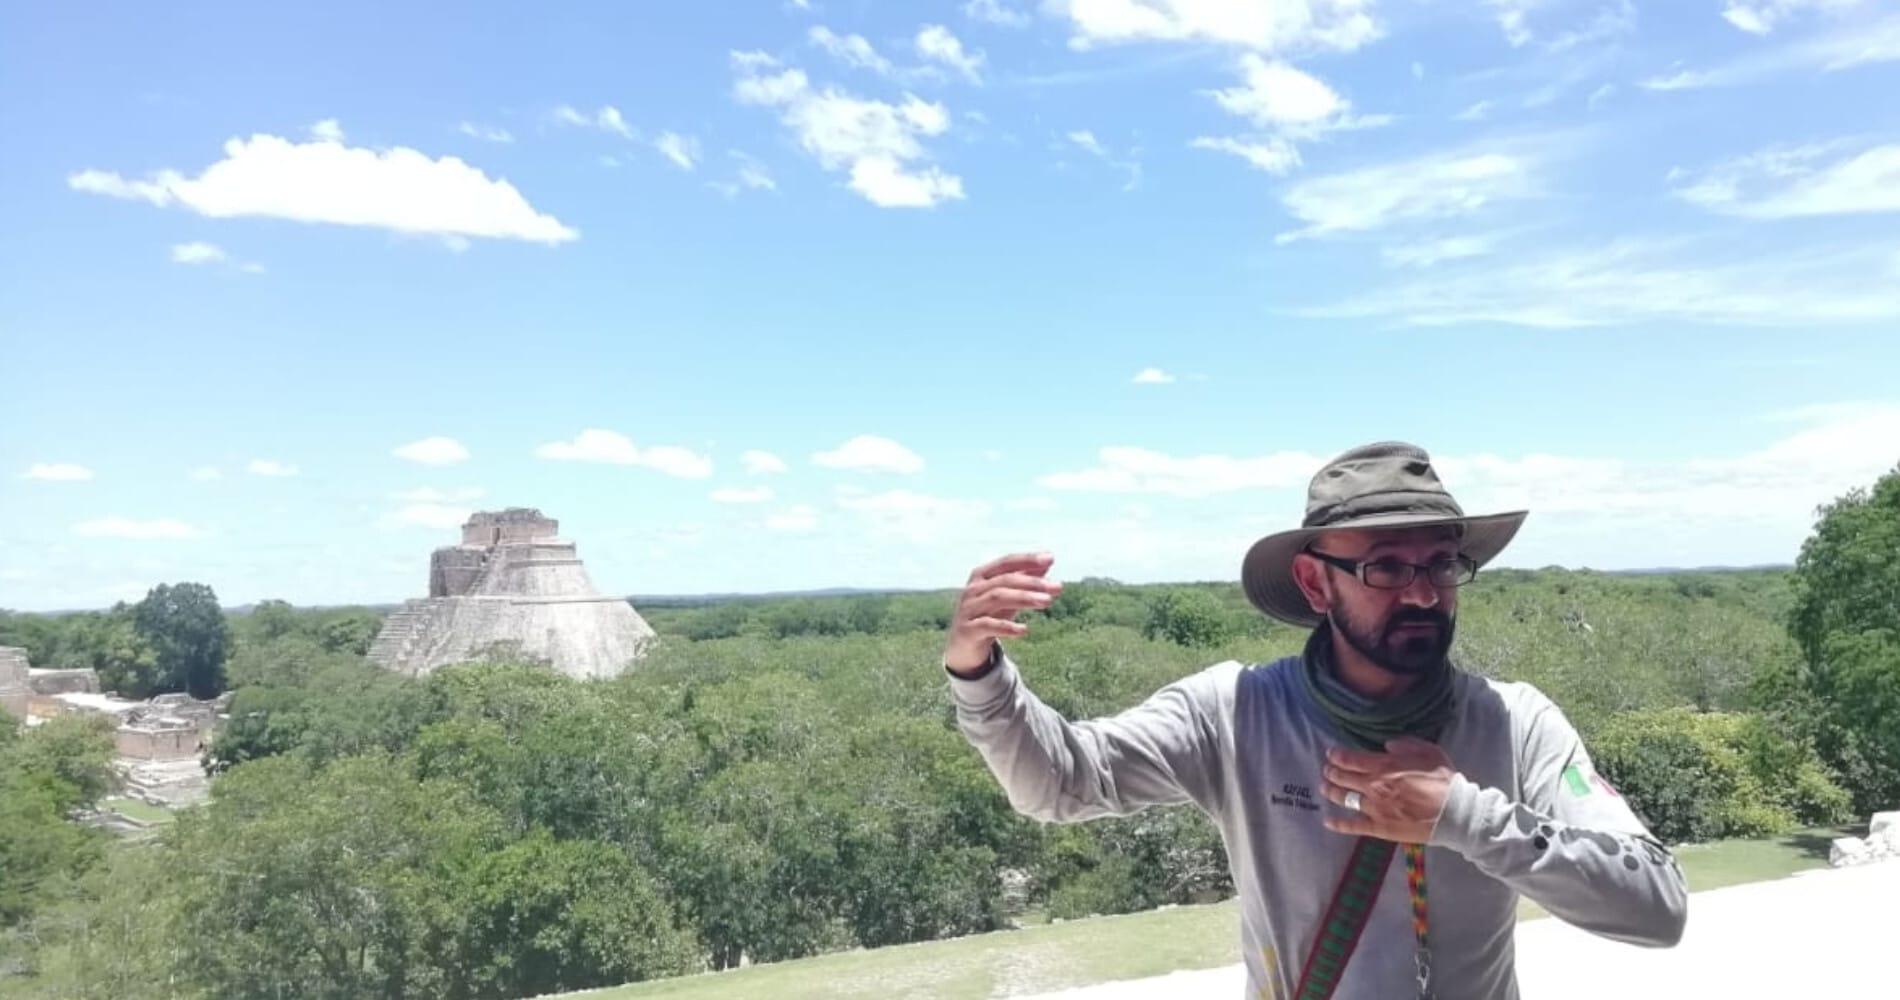 tierra-latina-guide-mexique-rafael-yucatan